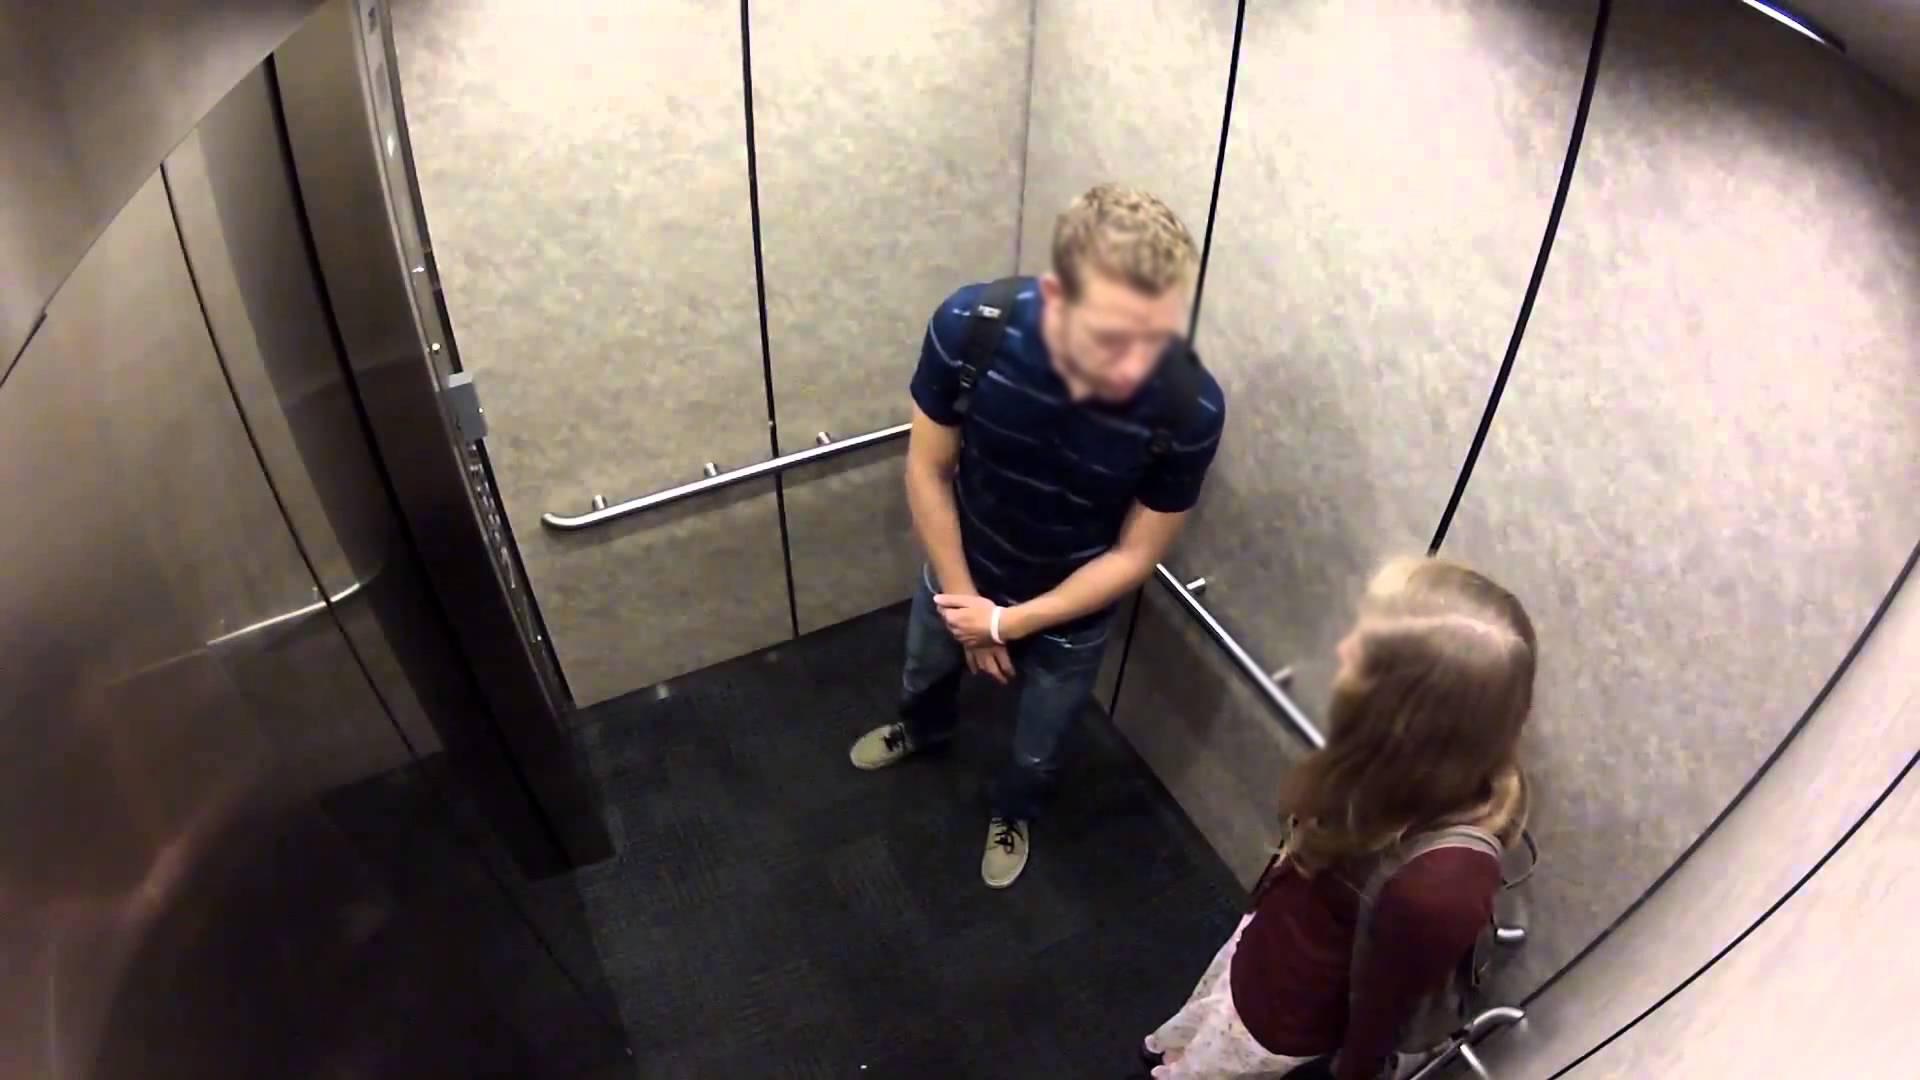 Занялись этим в лифте